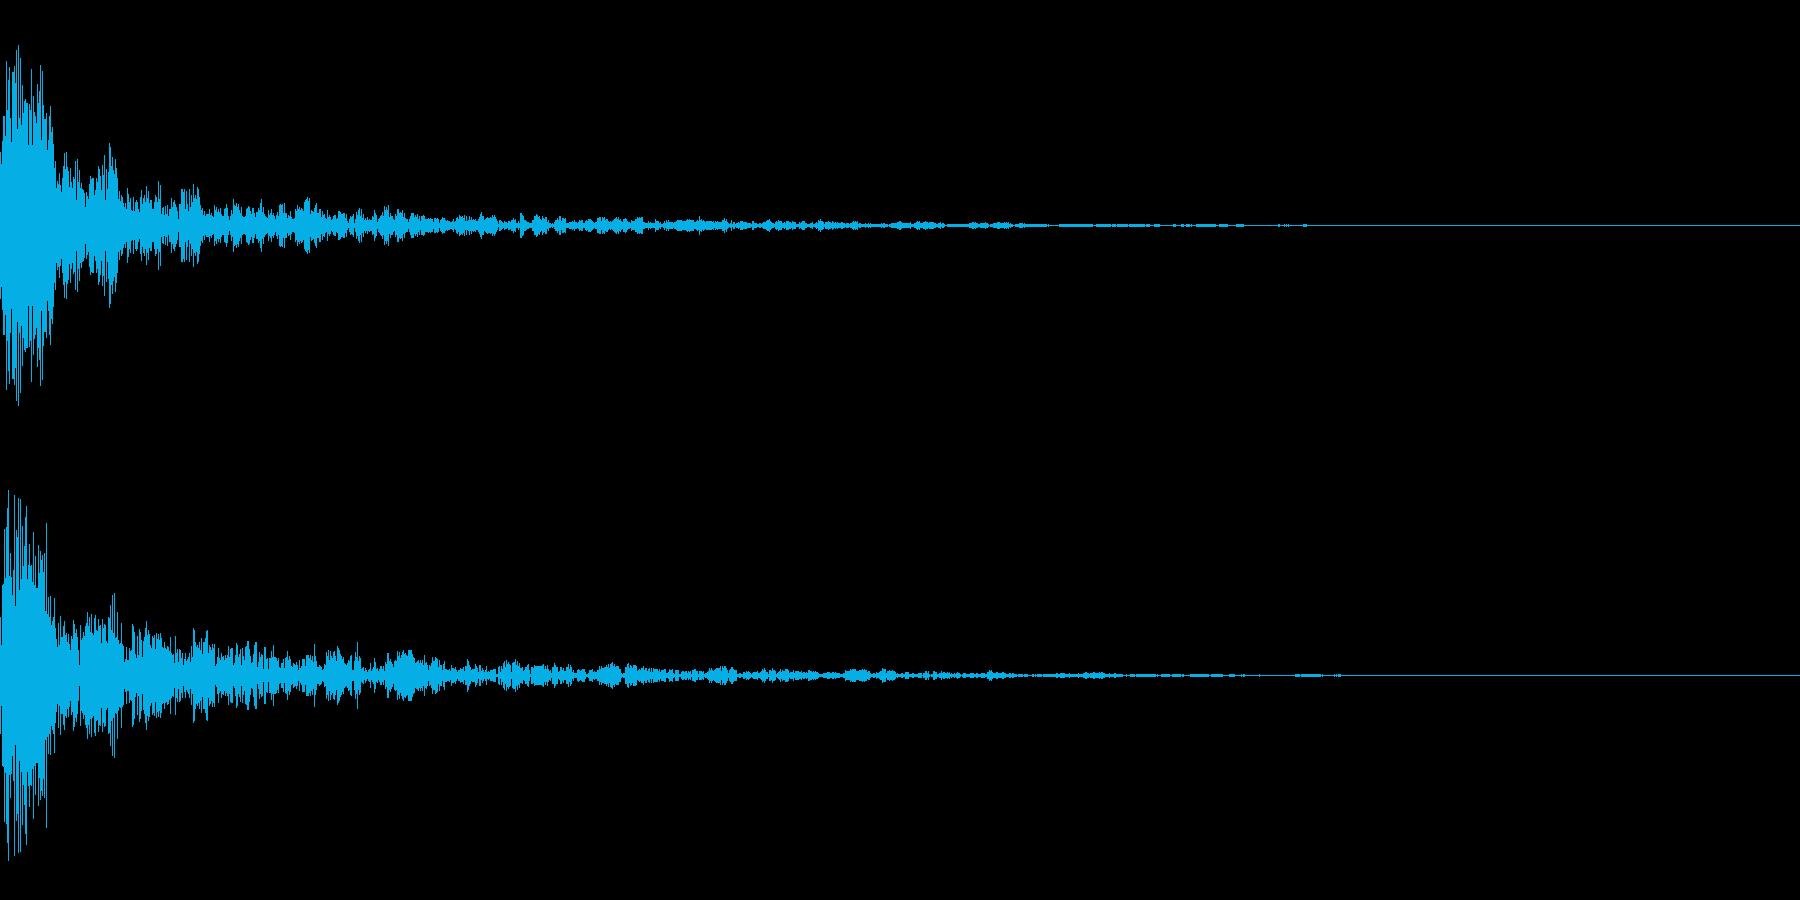 ドーン-22-1(インパクト音)の再生済みの波形